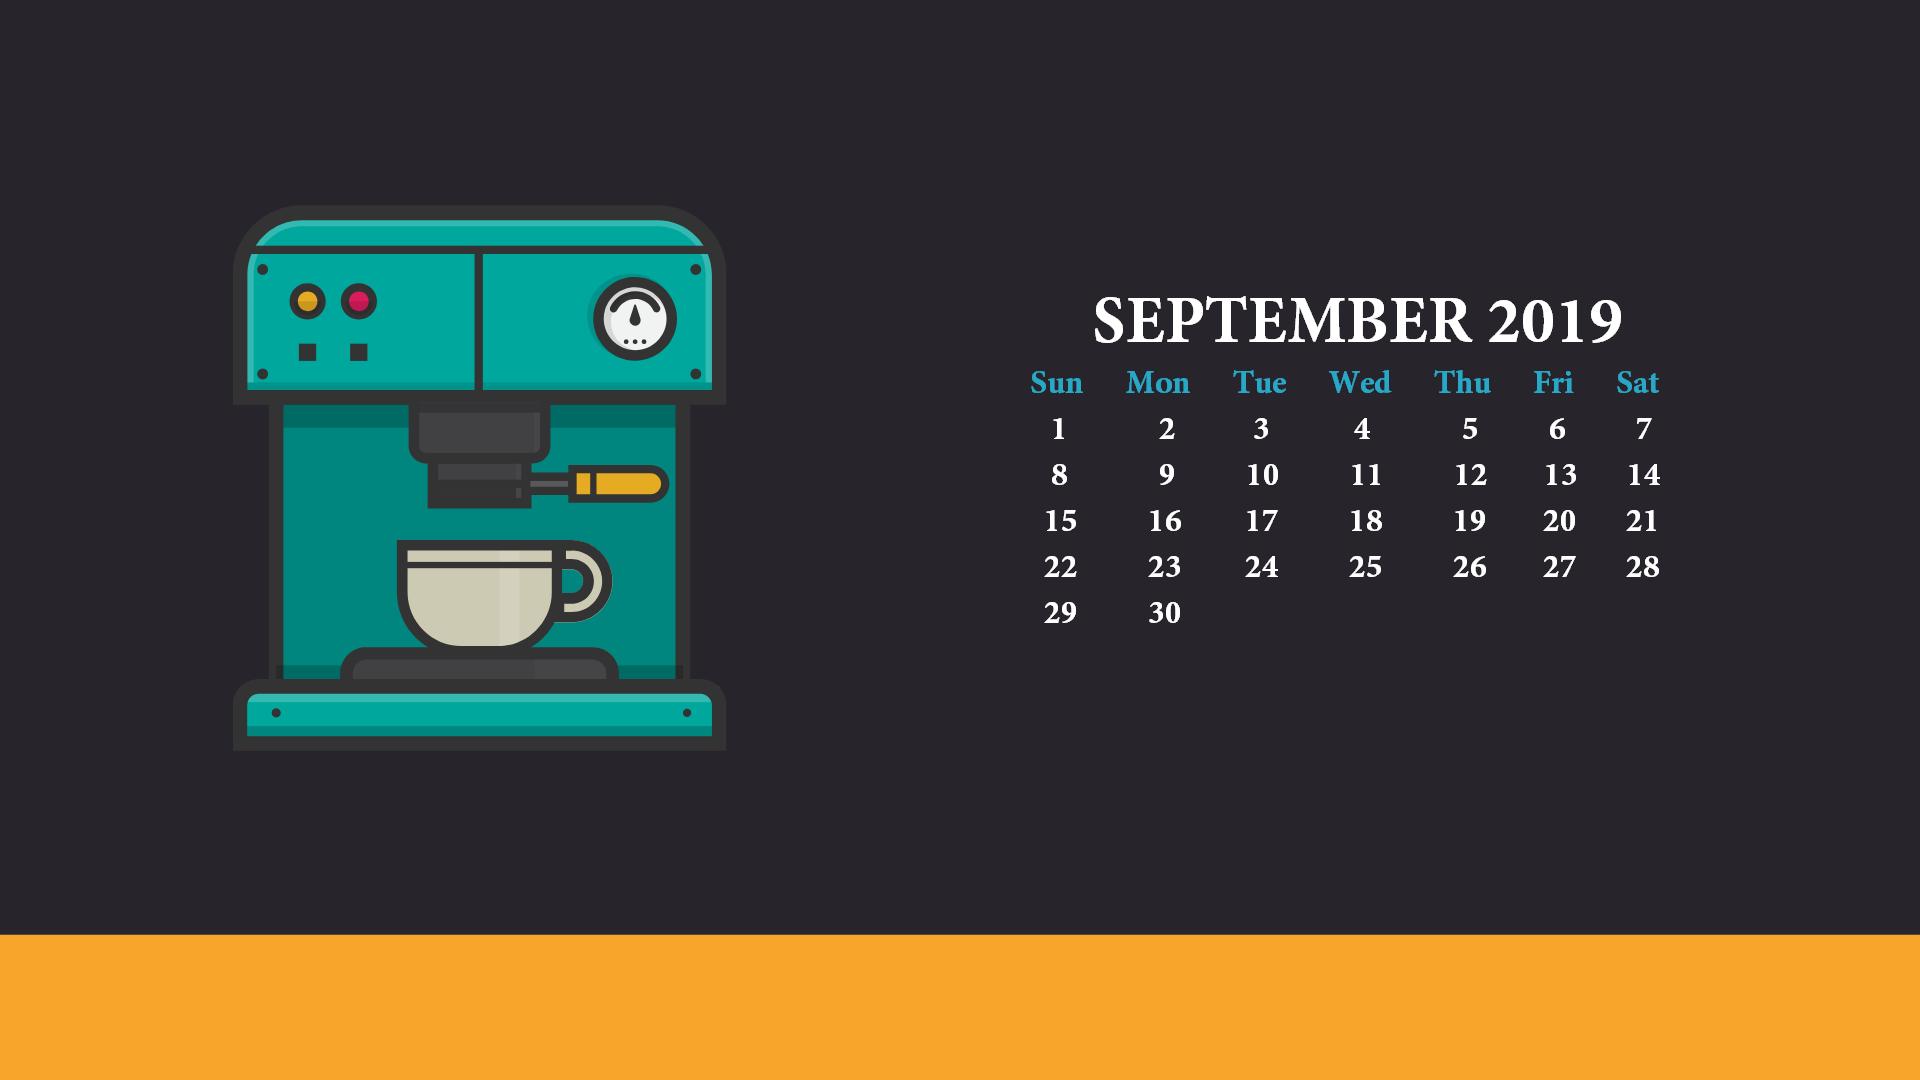 September 2019 Desktop Wallpaper With Calendar